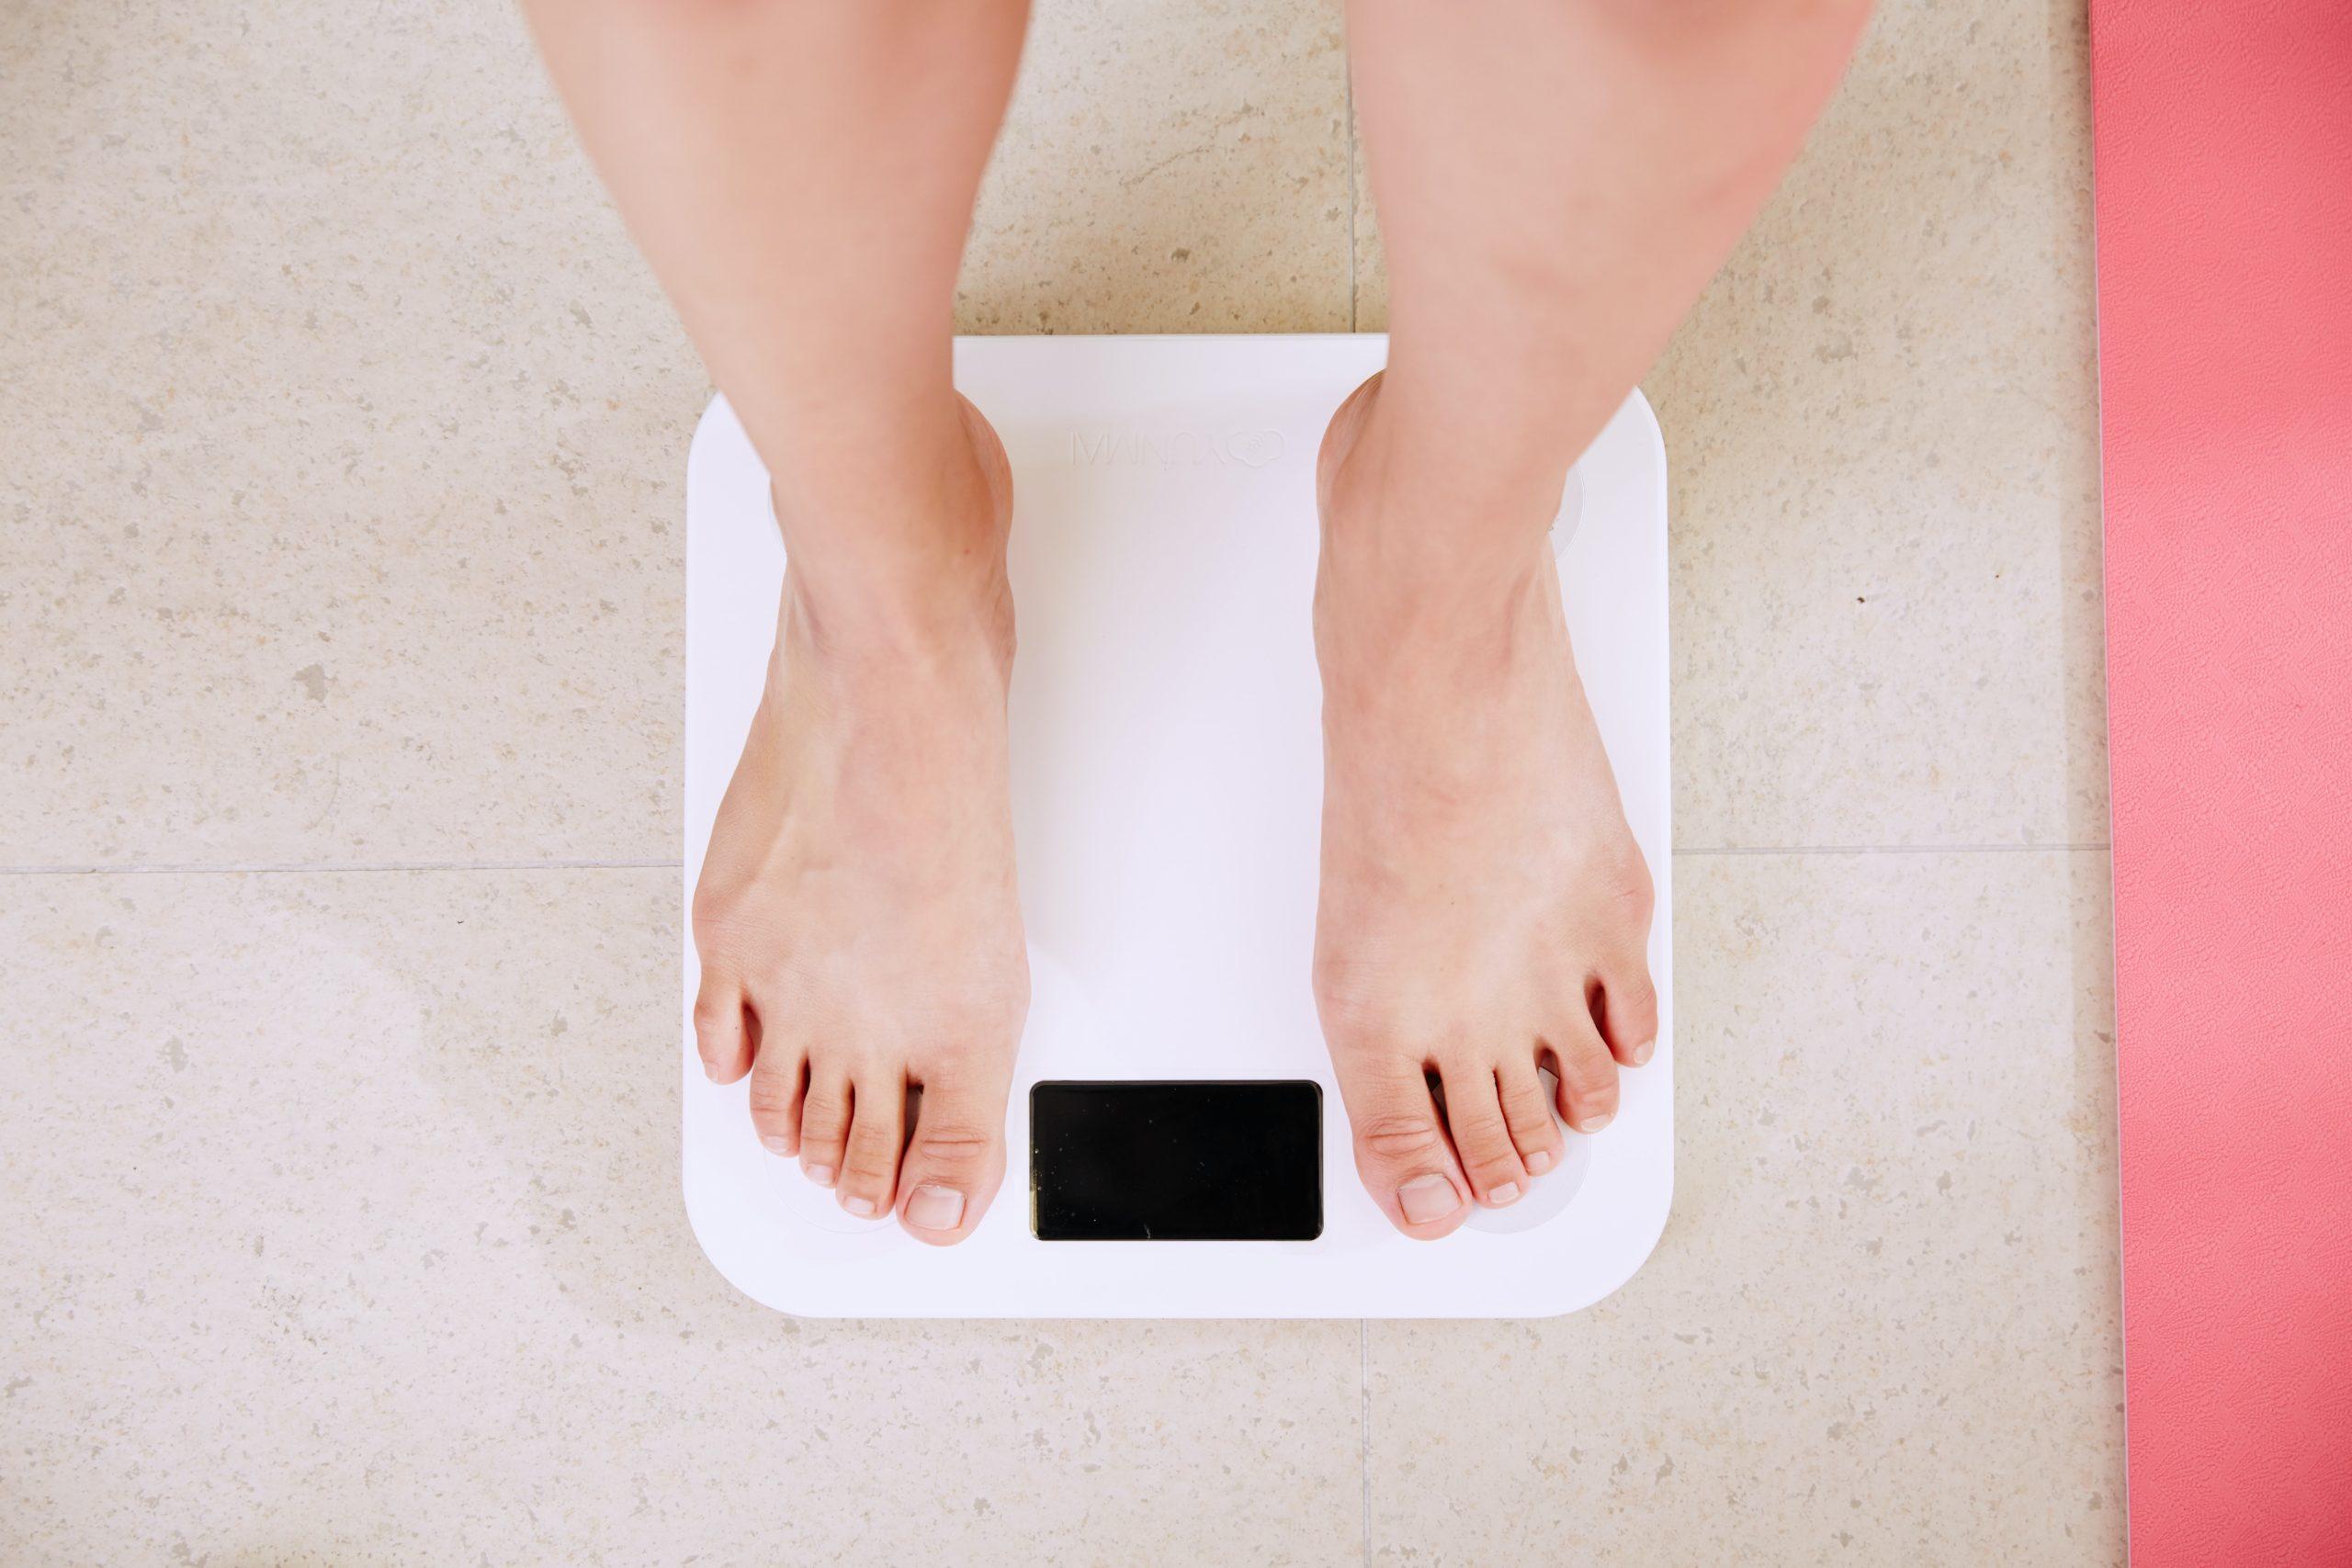 体重計で測る人の画像